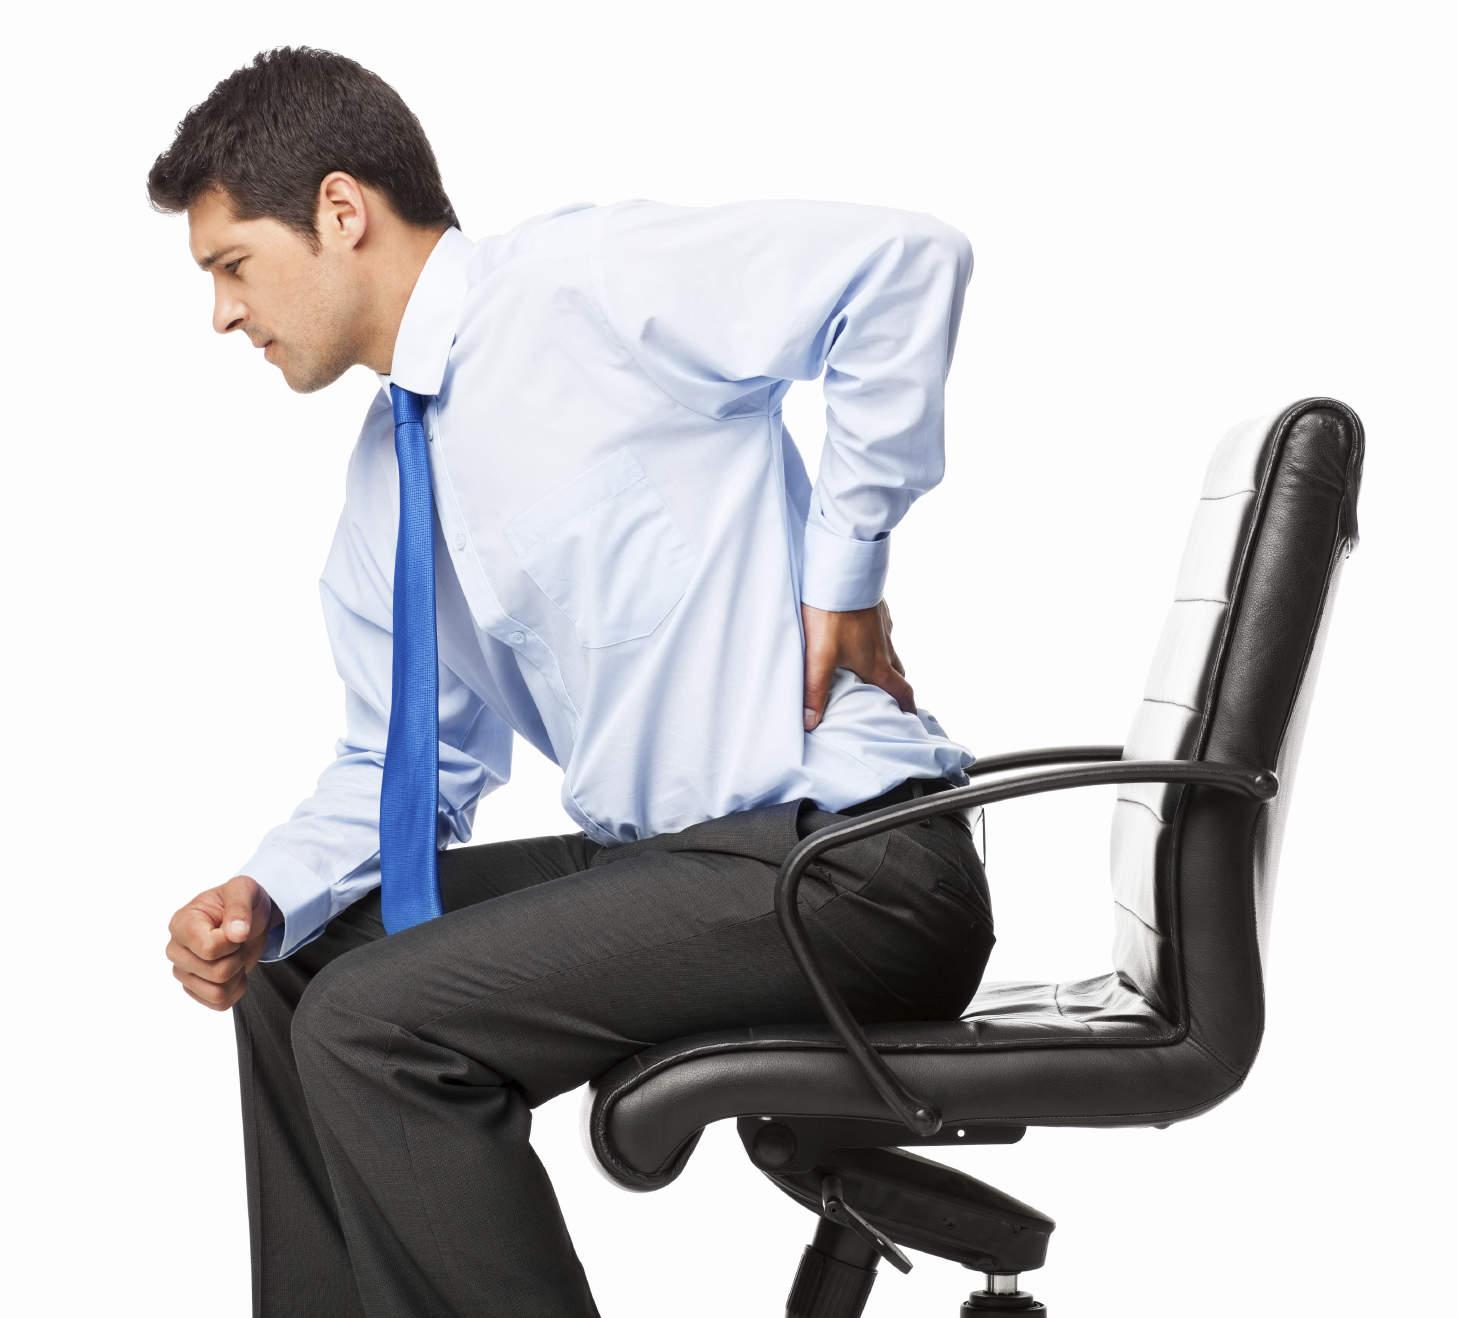 Kéo giãn cột sống giúp điều trị đau mỏi lưng hiệu quả